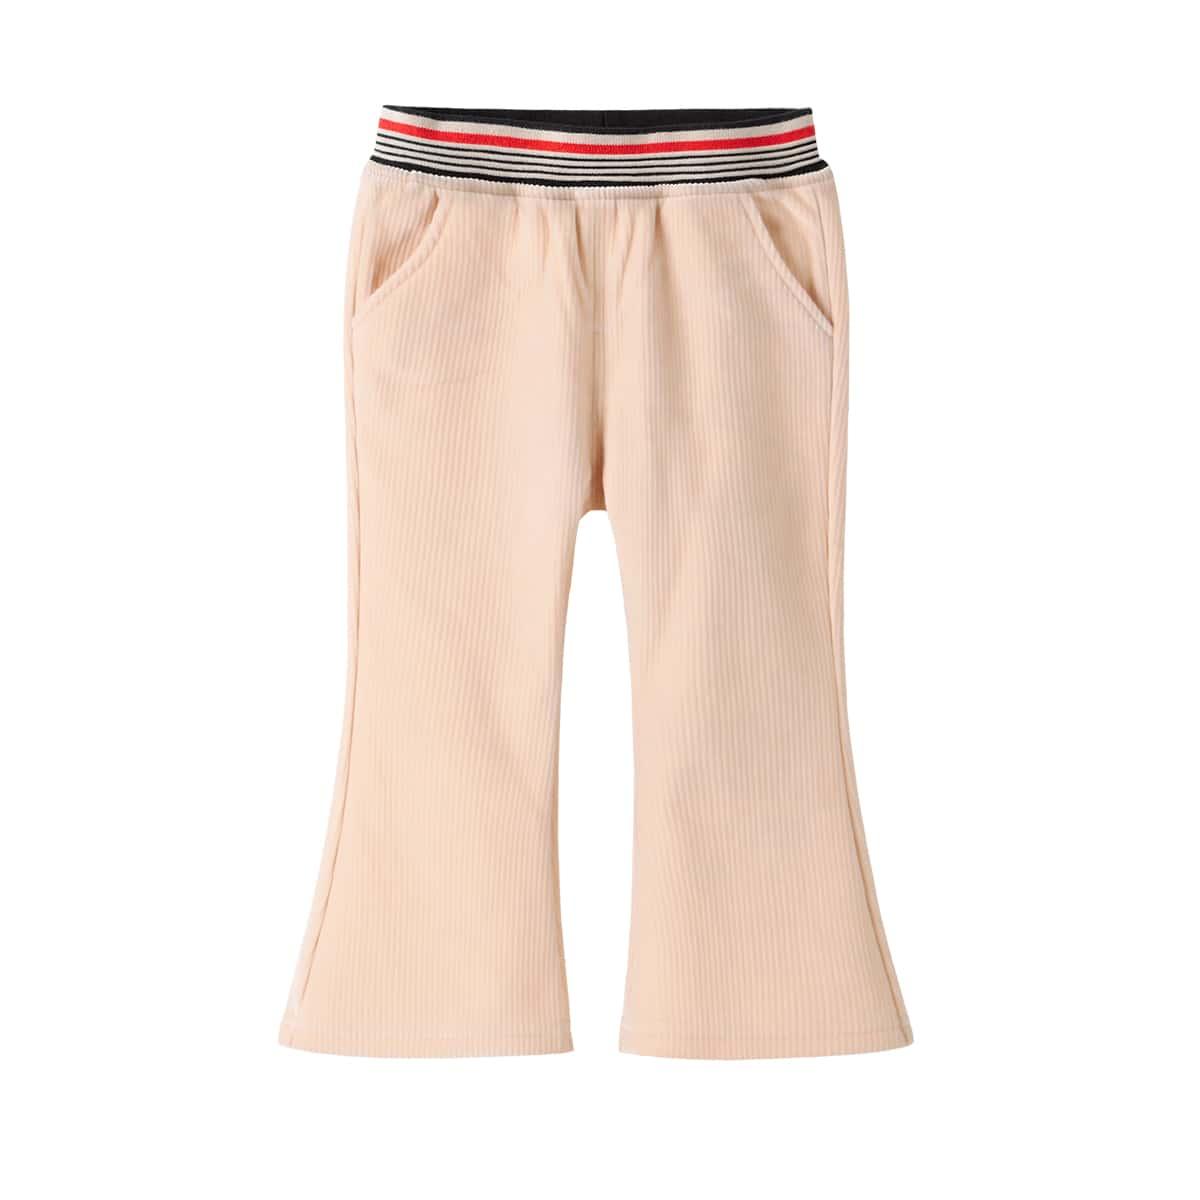 Карман полосатый повседневный брюки для маленьких девочек